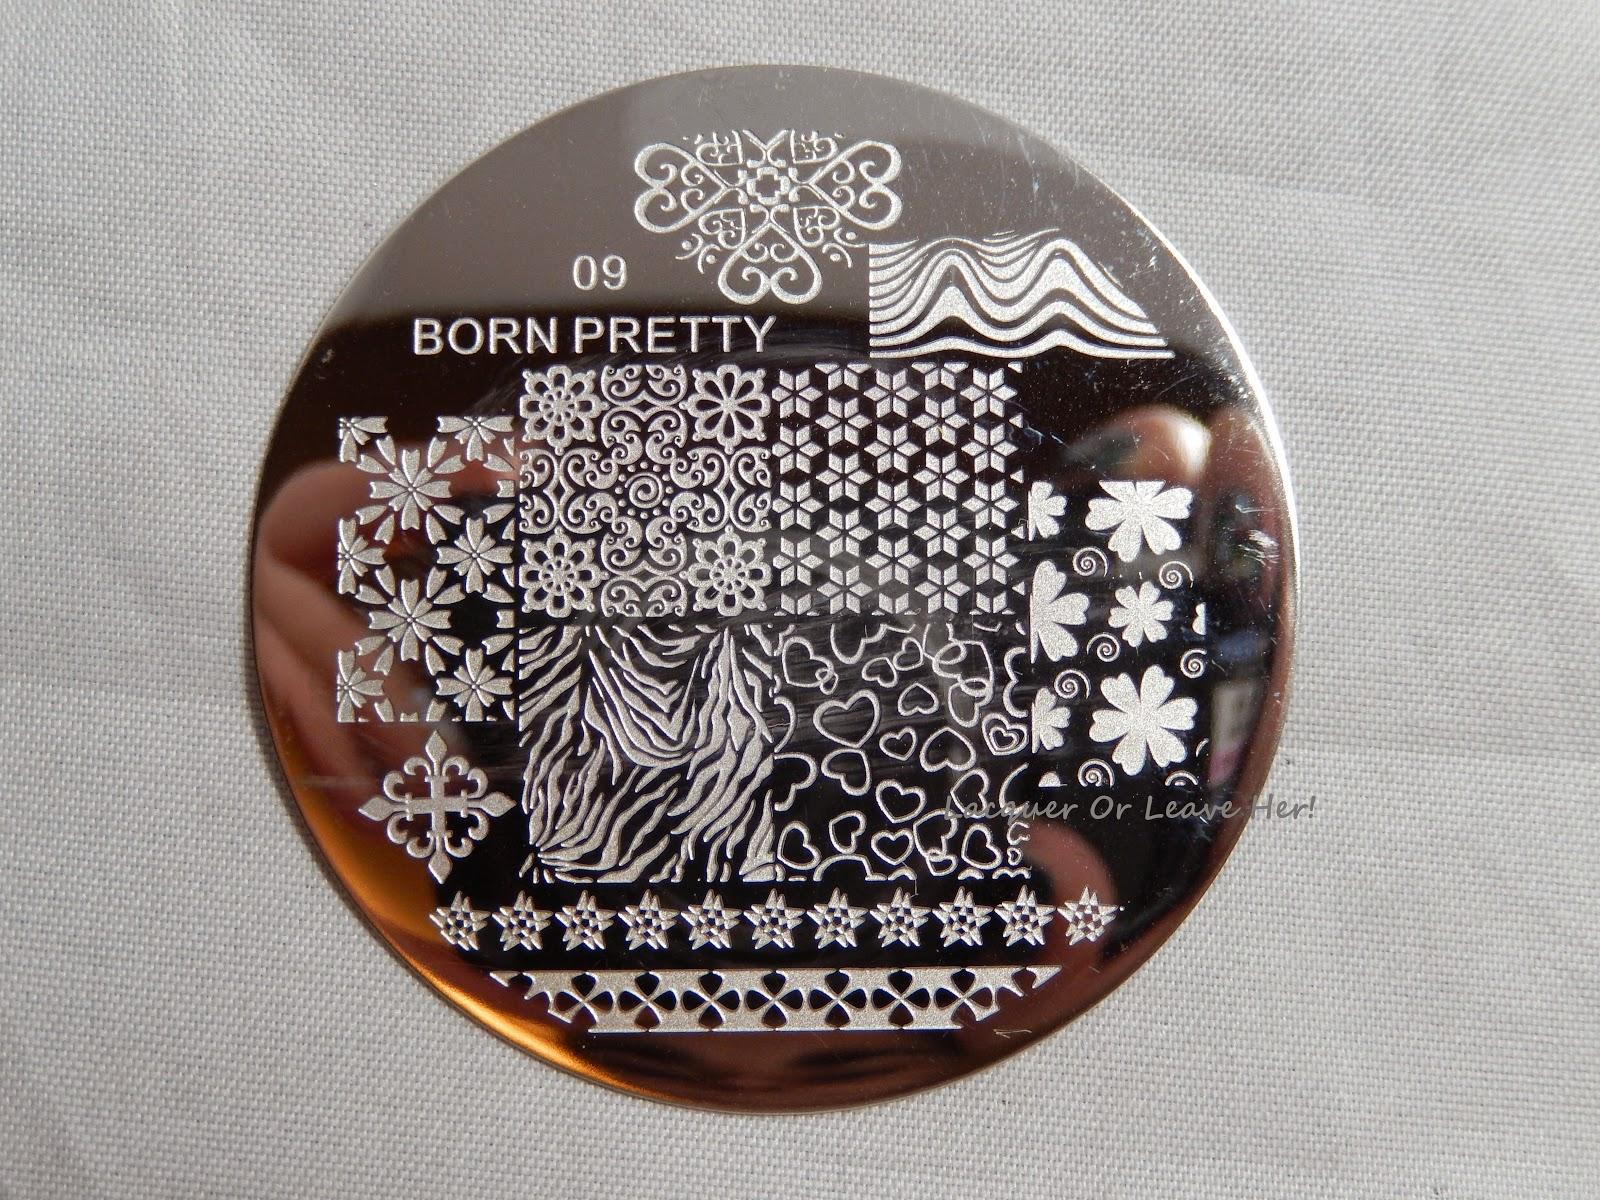 Born Pretty 09